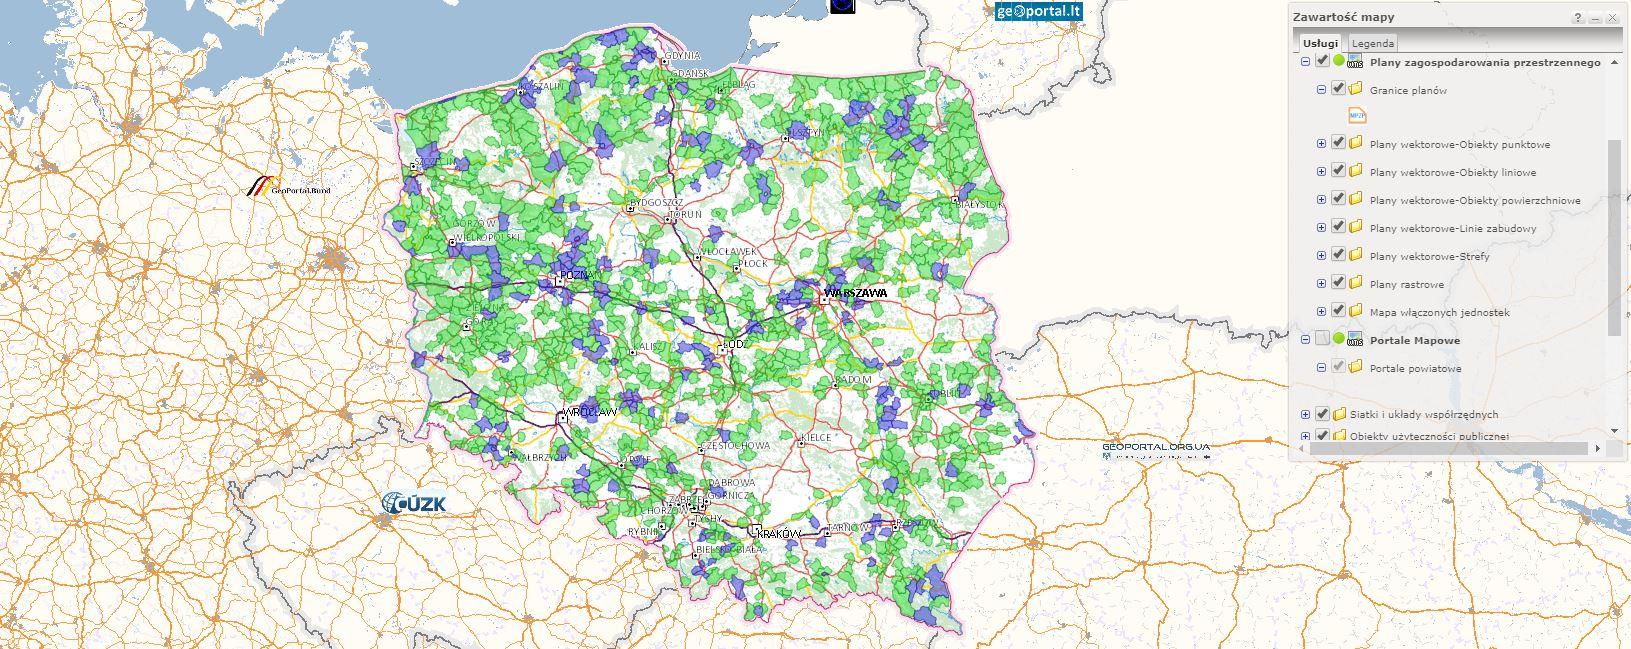 Plany miejscowe Geoportal